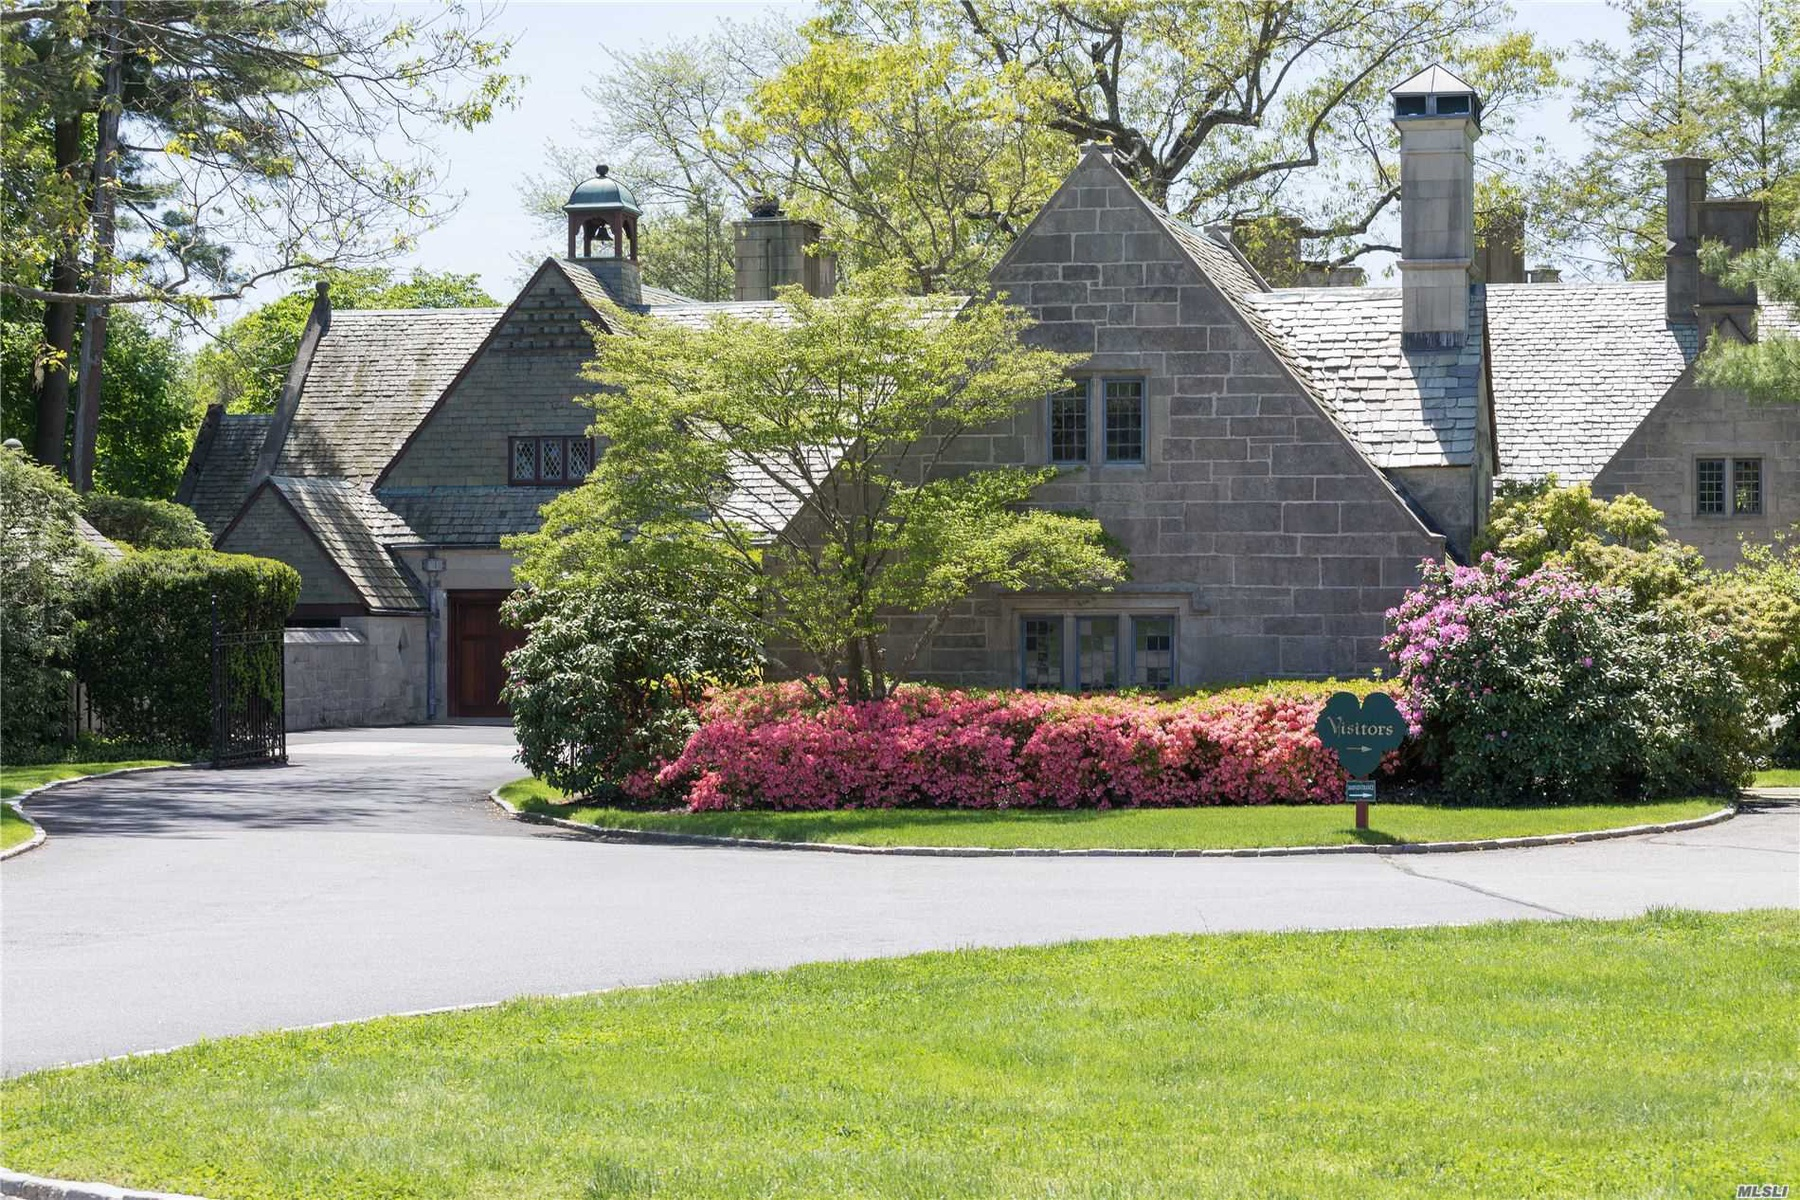 Butler's Cottage & Court Entrance